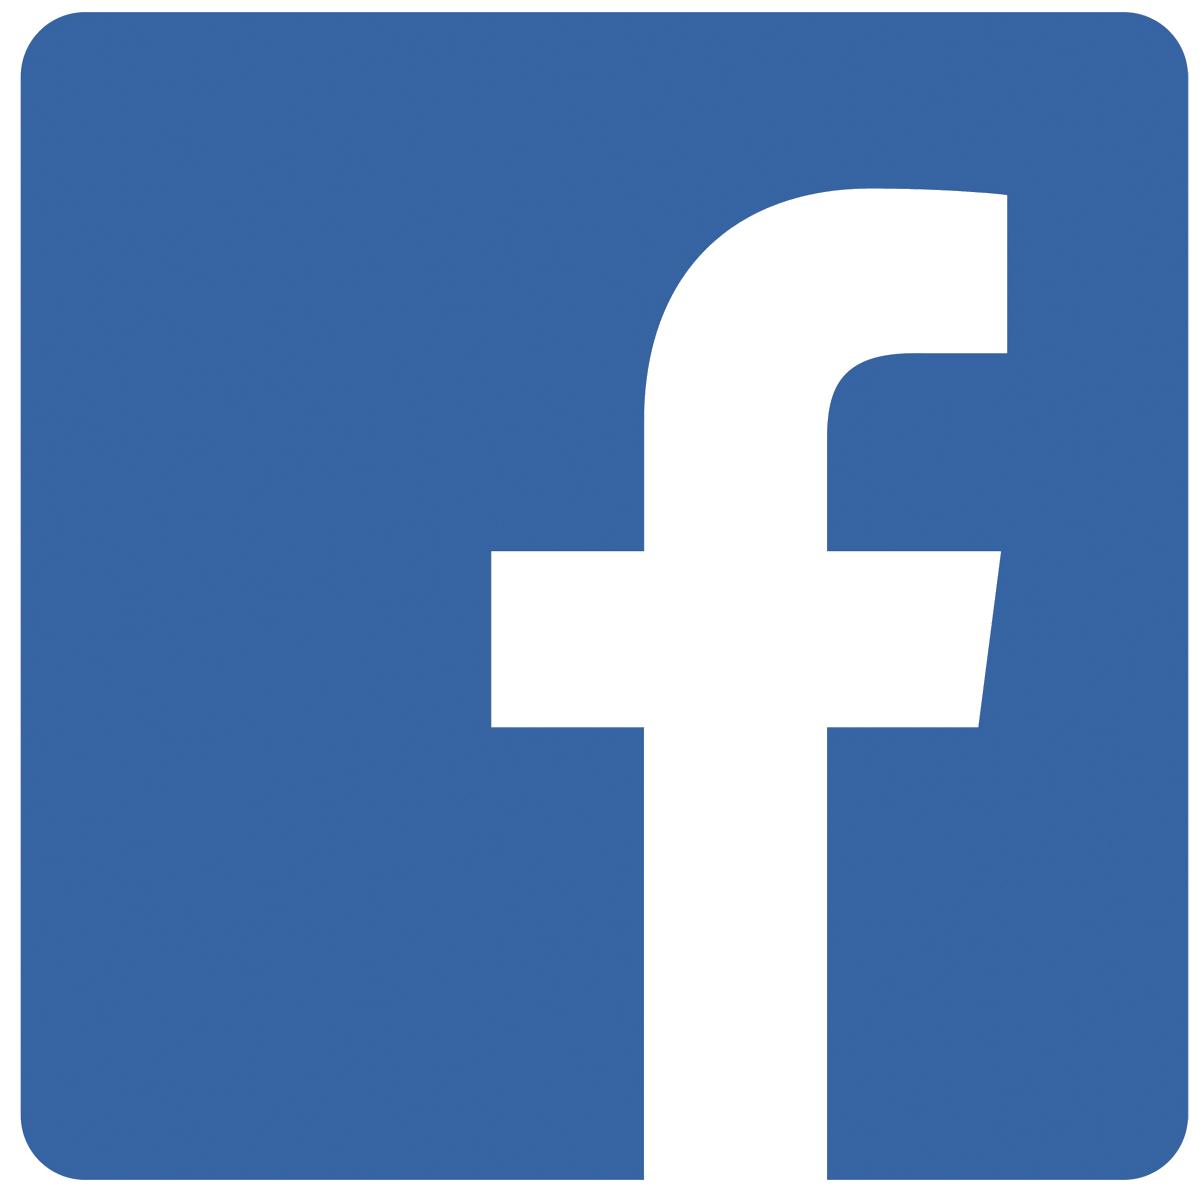 Facebook Logo 2013-05-03